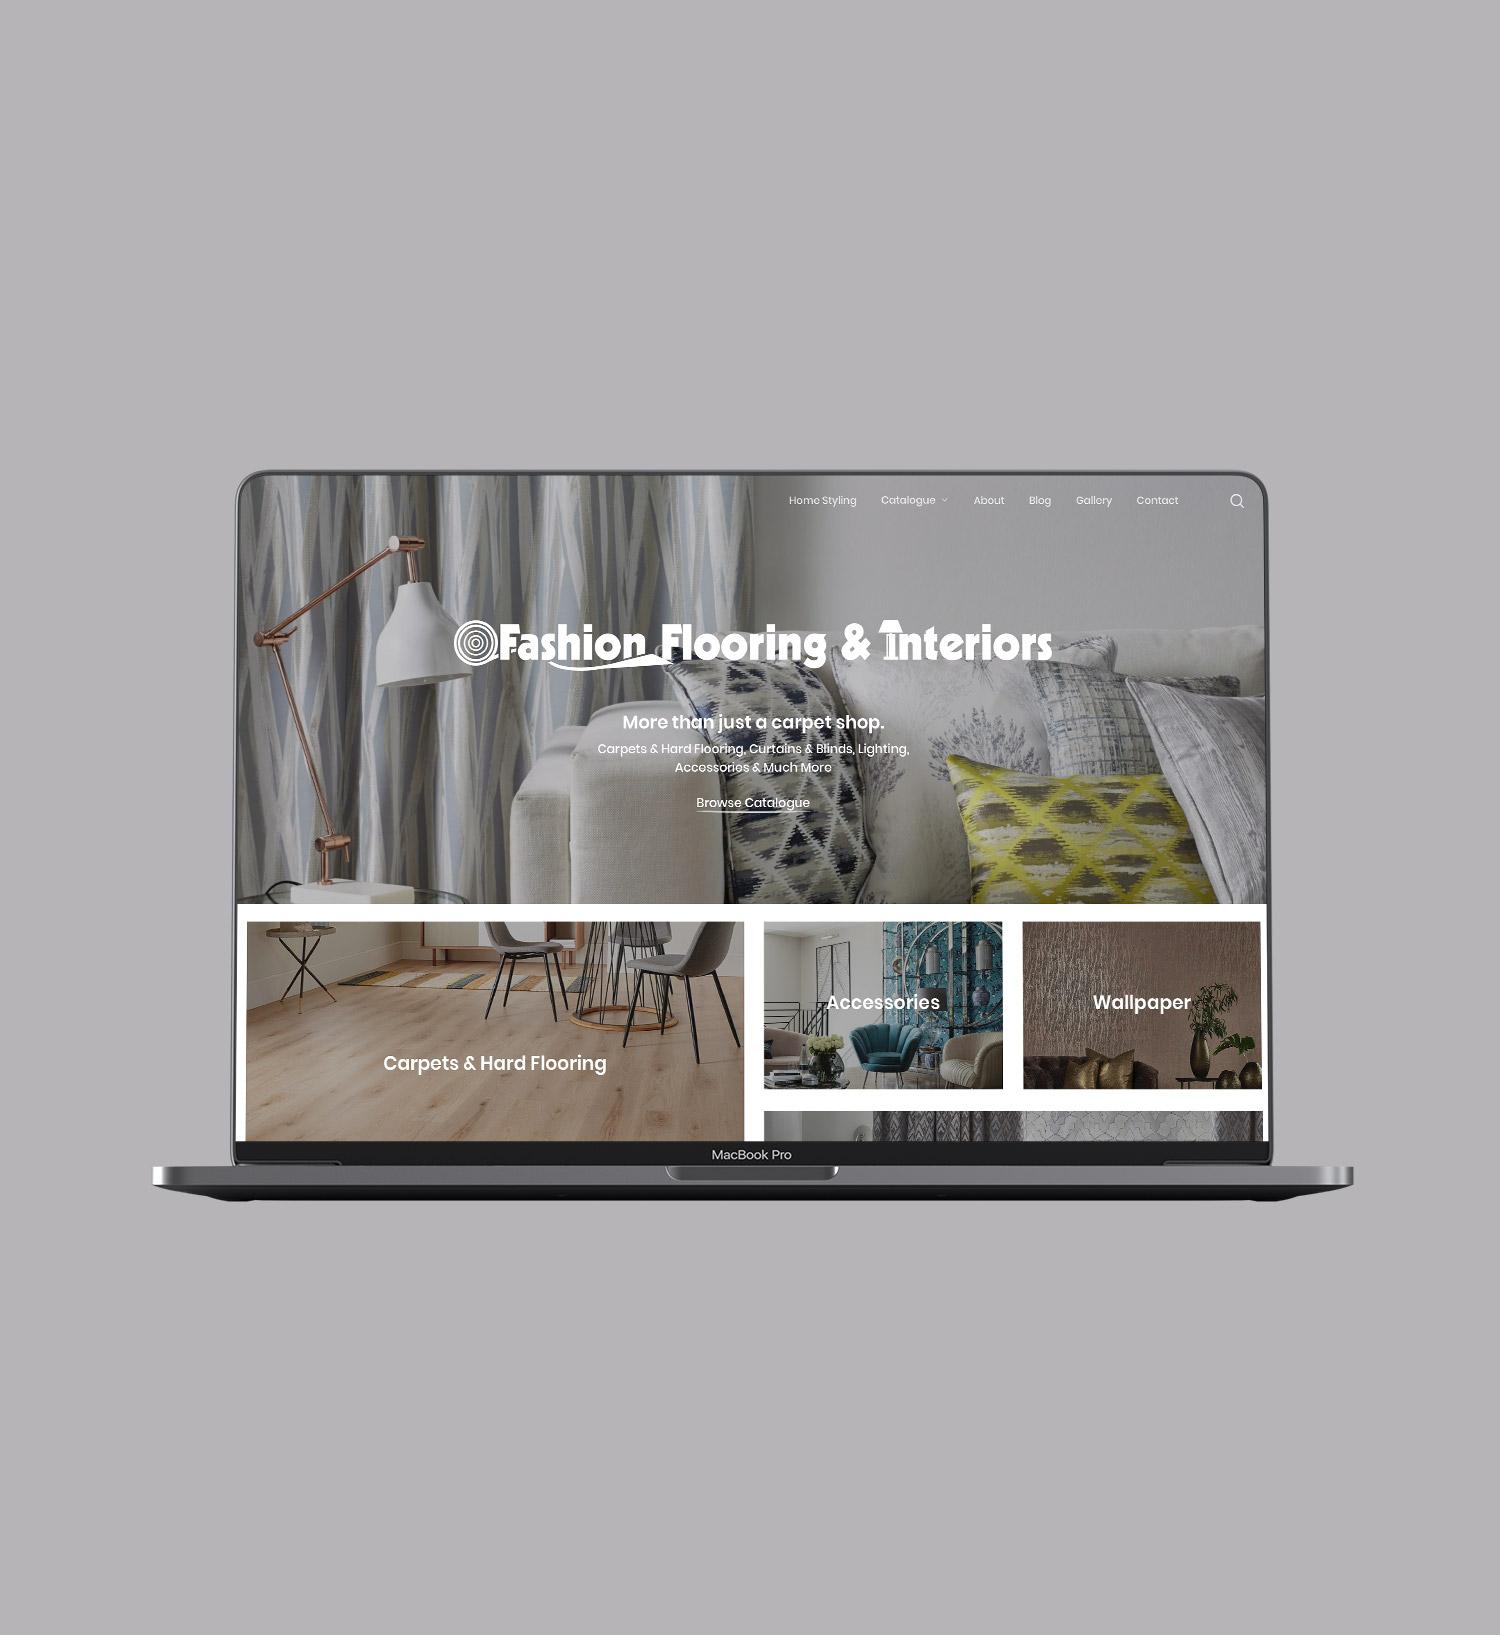 FFI new website